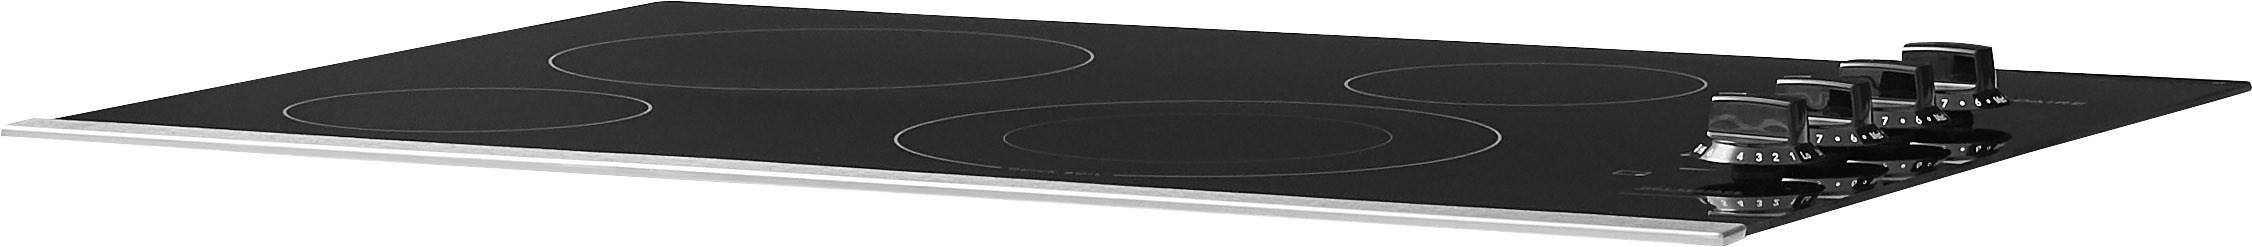 Model: FFEC3025US | 30